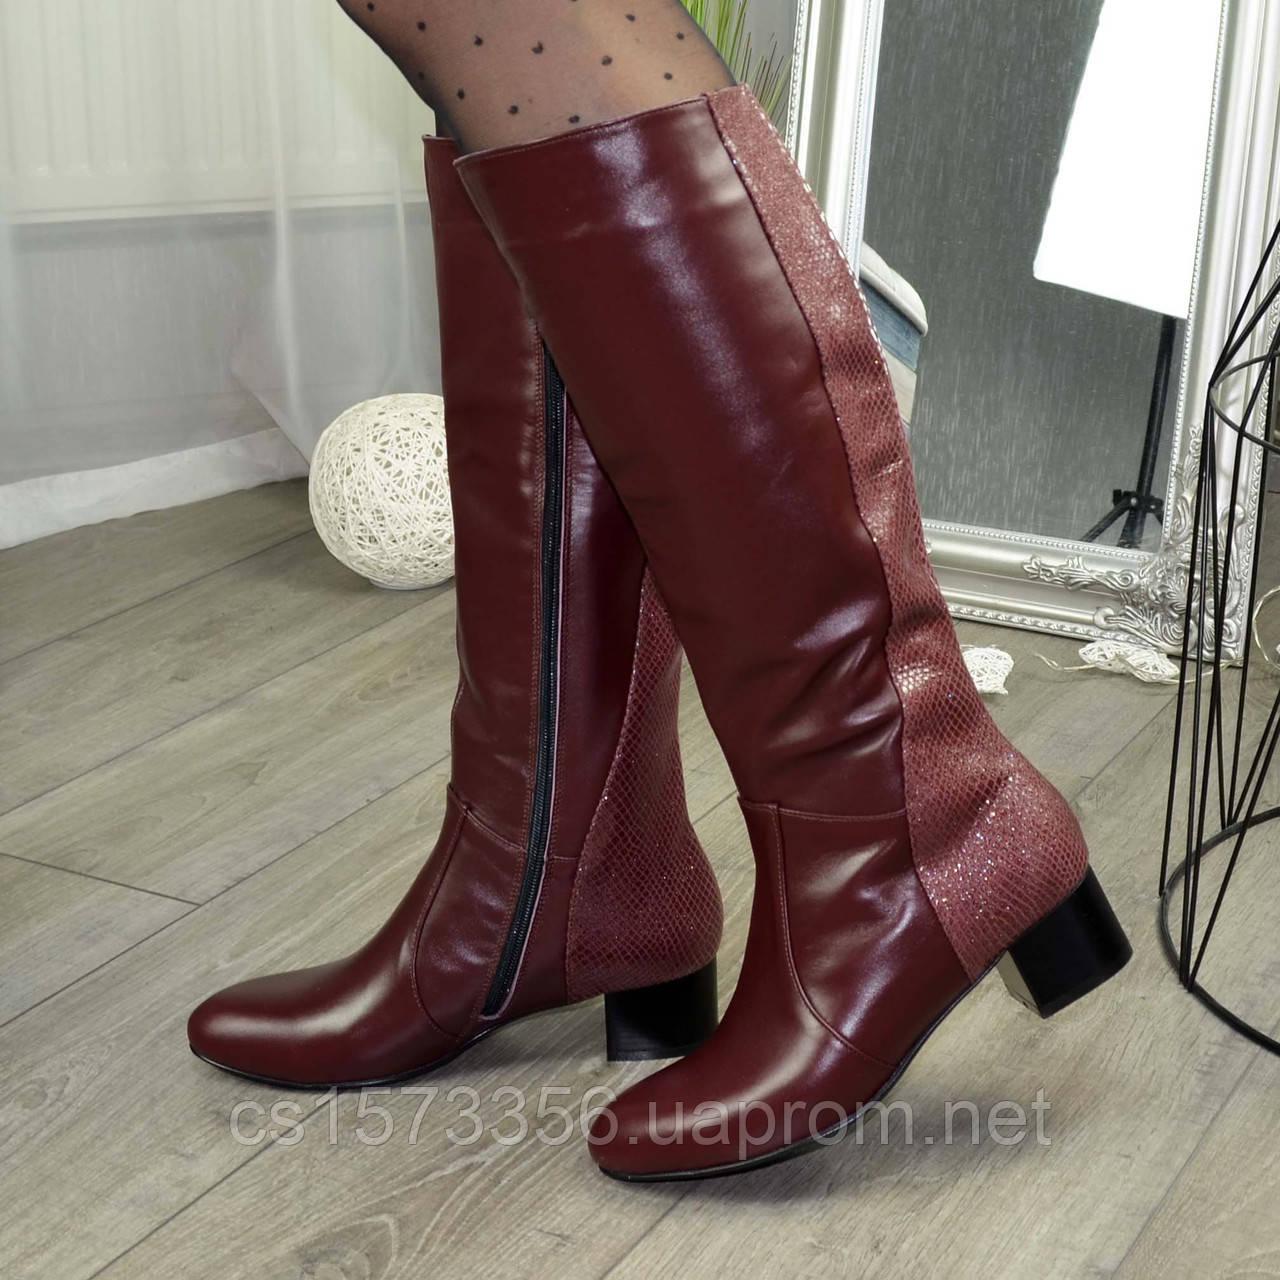 Сапоги бордовые кожаные на невысоком каблуке